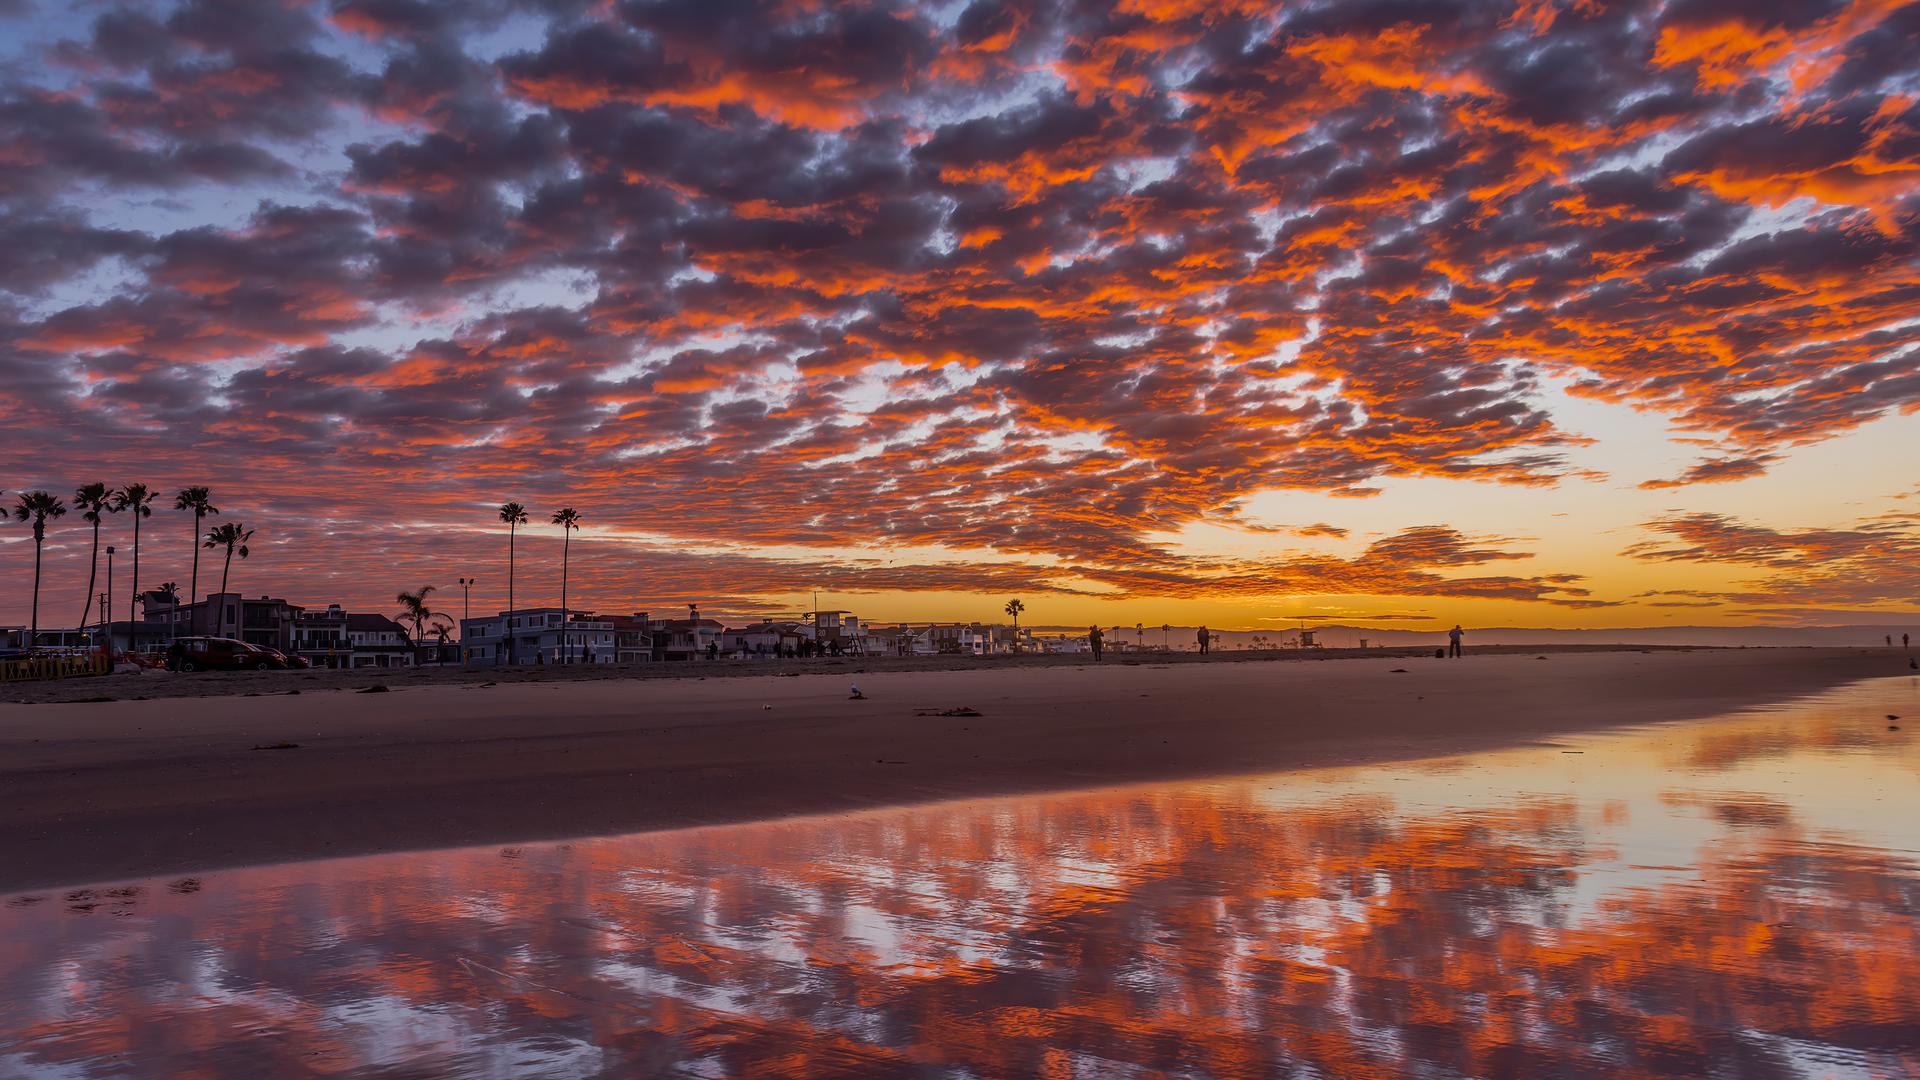 usa-coast-sunrises-and-sunsets-houses-sky-2j.jpg